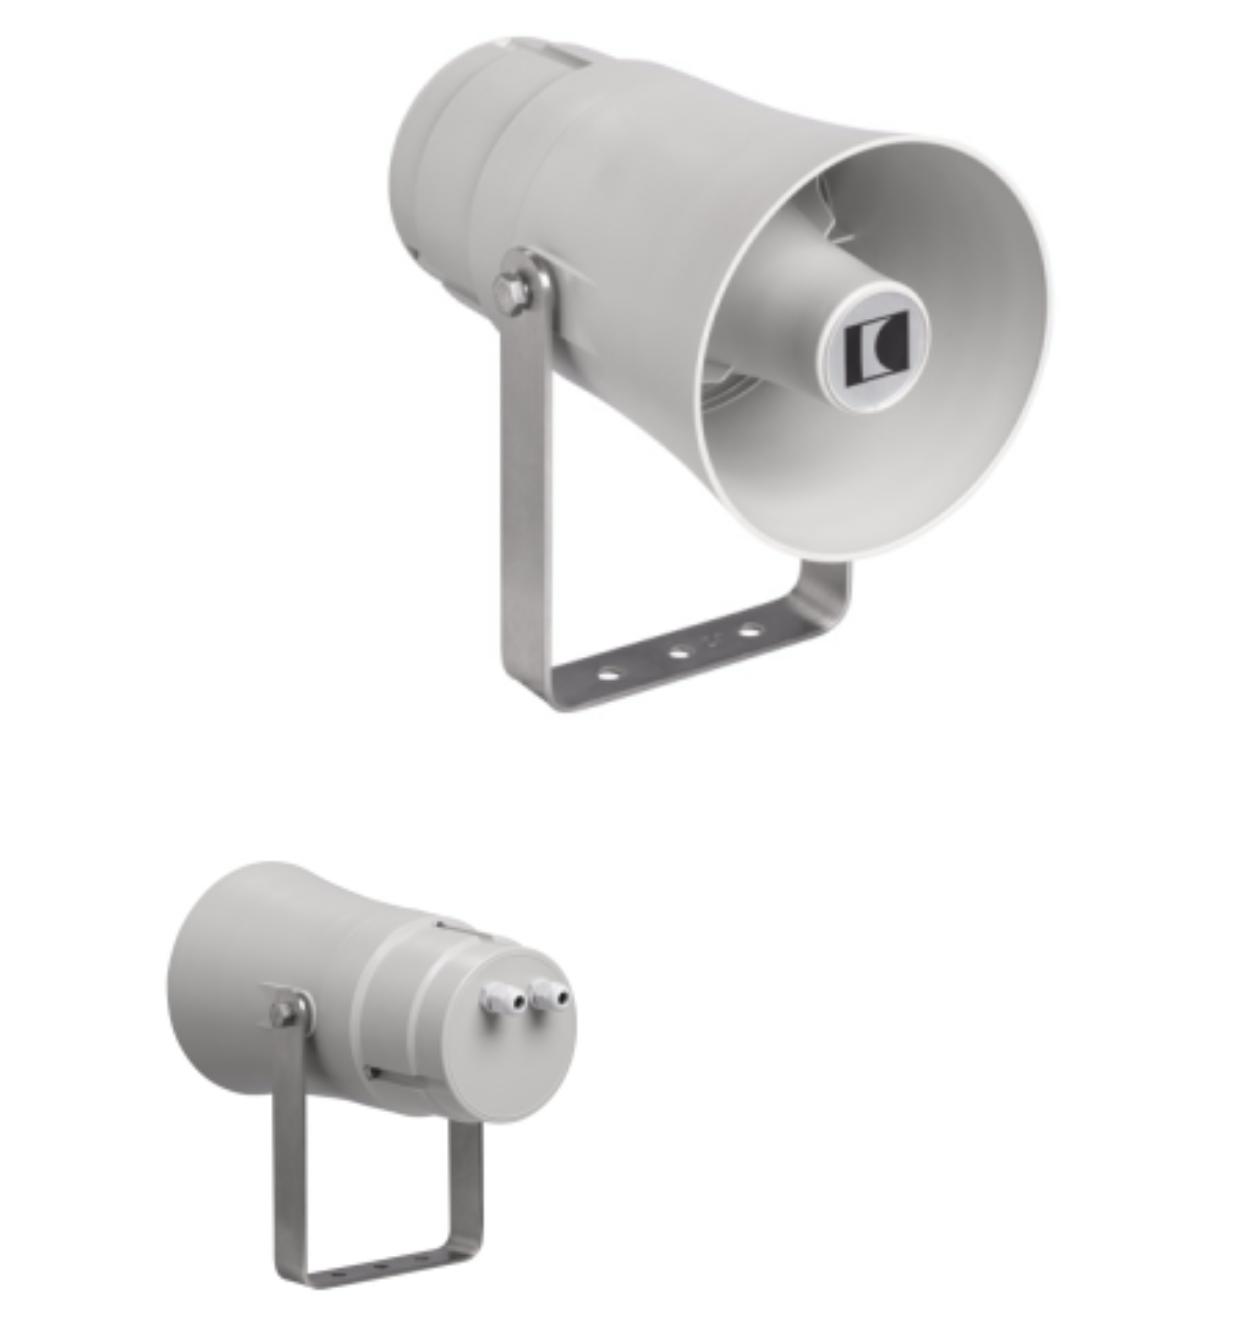 EN54-24 horn speaker DK 10/T-EN54